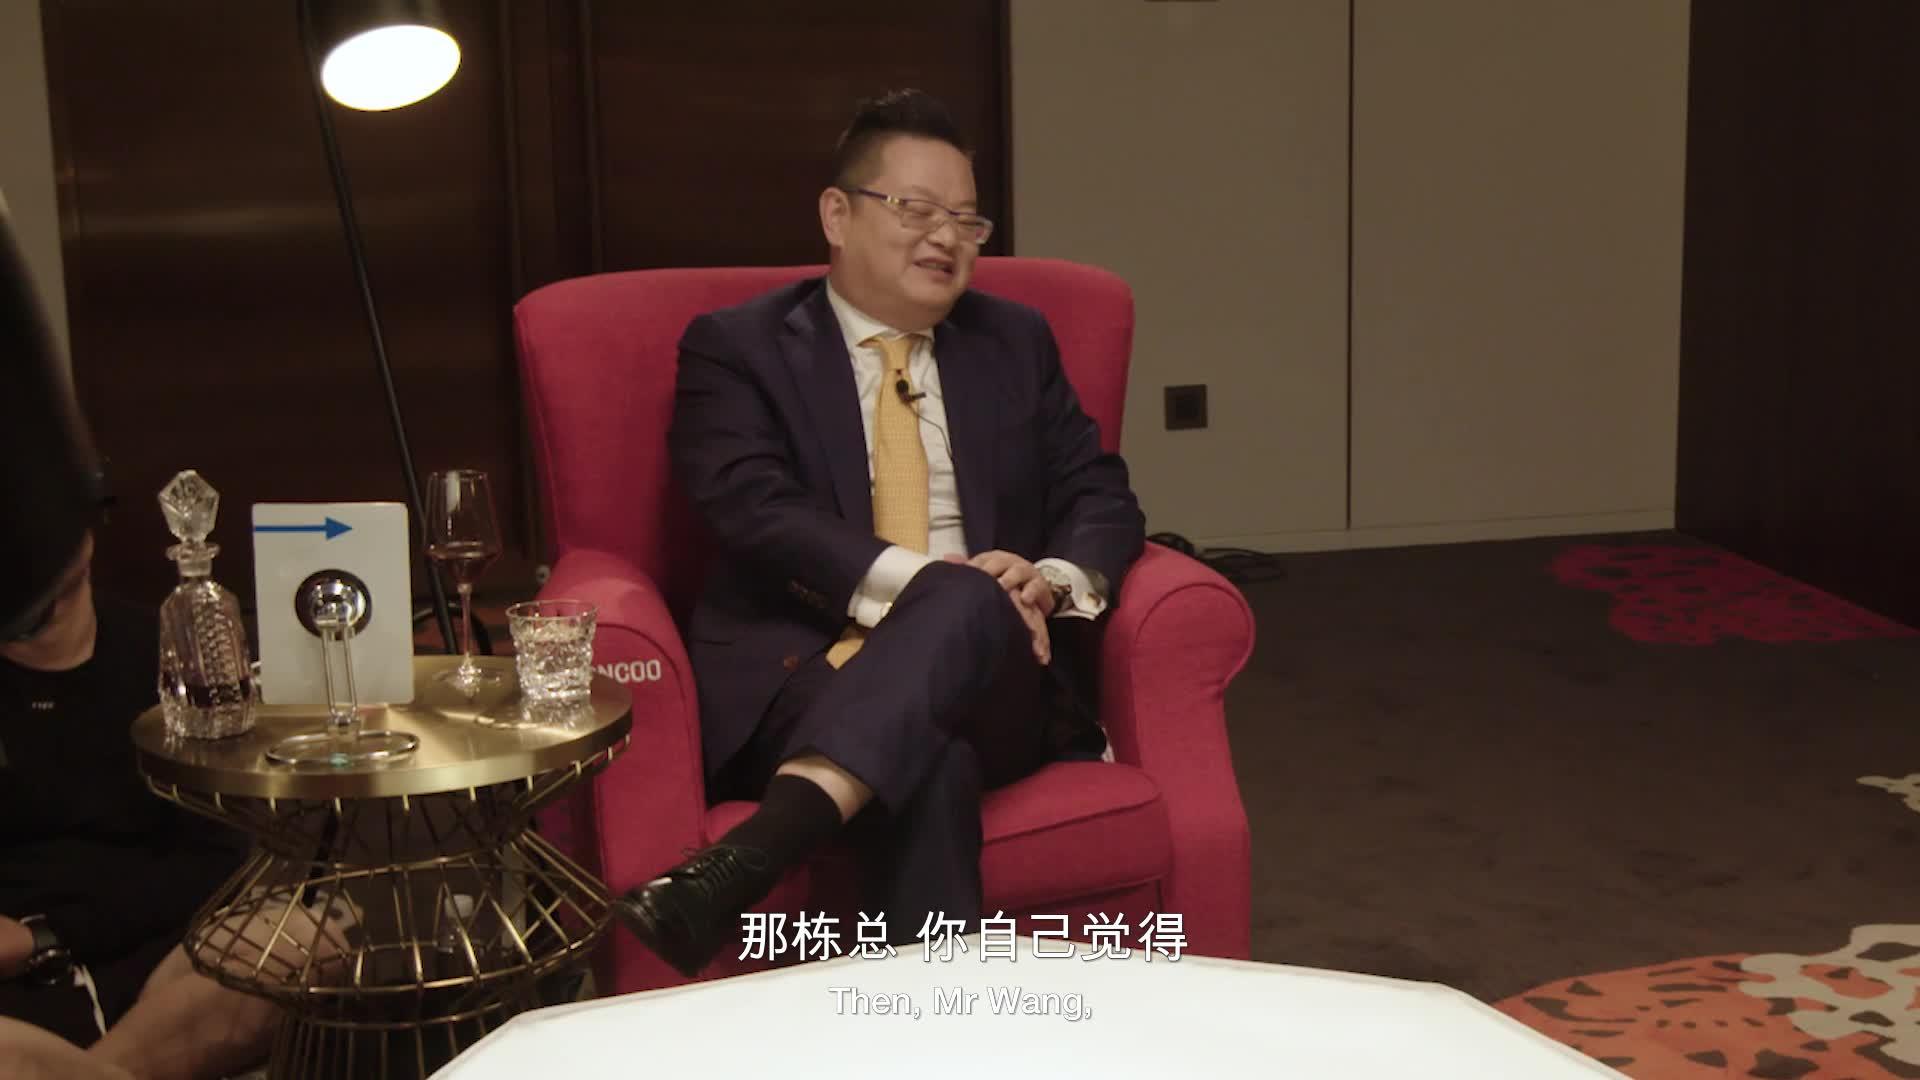 丰言锋语第四集_财富家庭人生成片